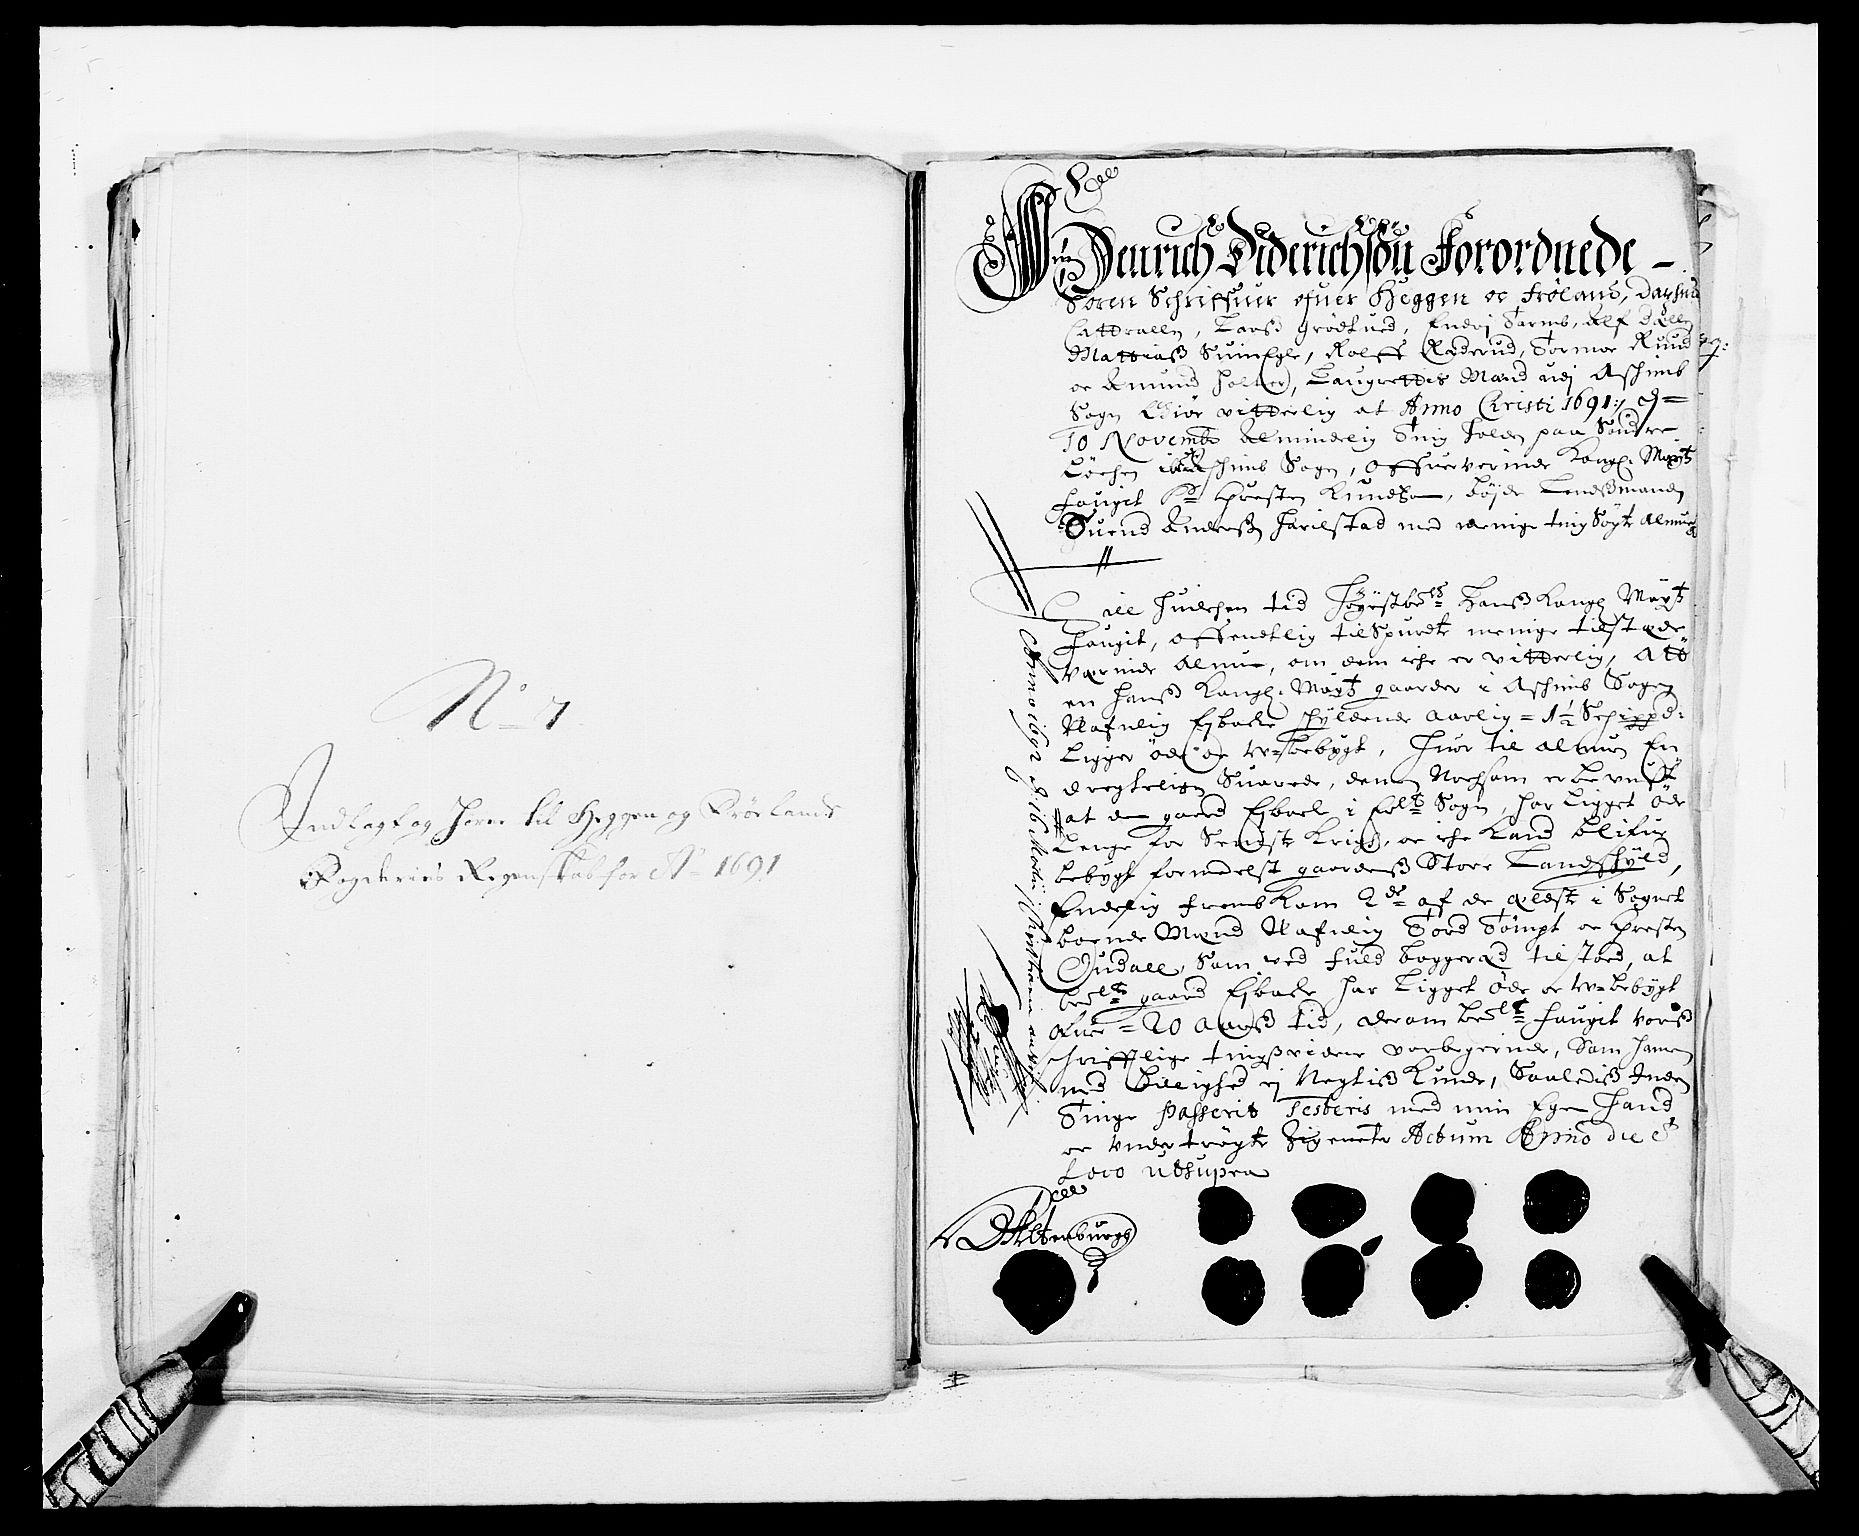 RA, Rentekammeret inntil 1814, Reviderte regnskaper, Fogderegnskap, R06/L0283: Fogderegnskap Heggen og Frøland, 1691-1693, s. 97